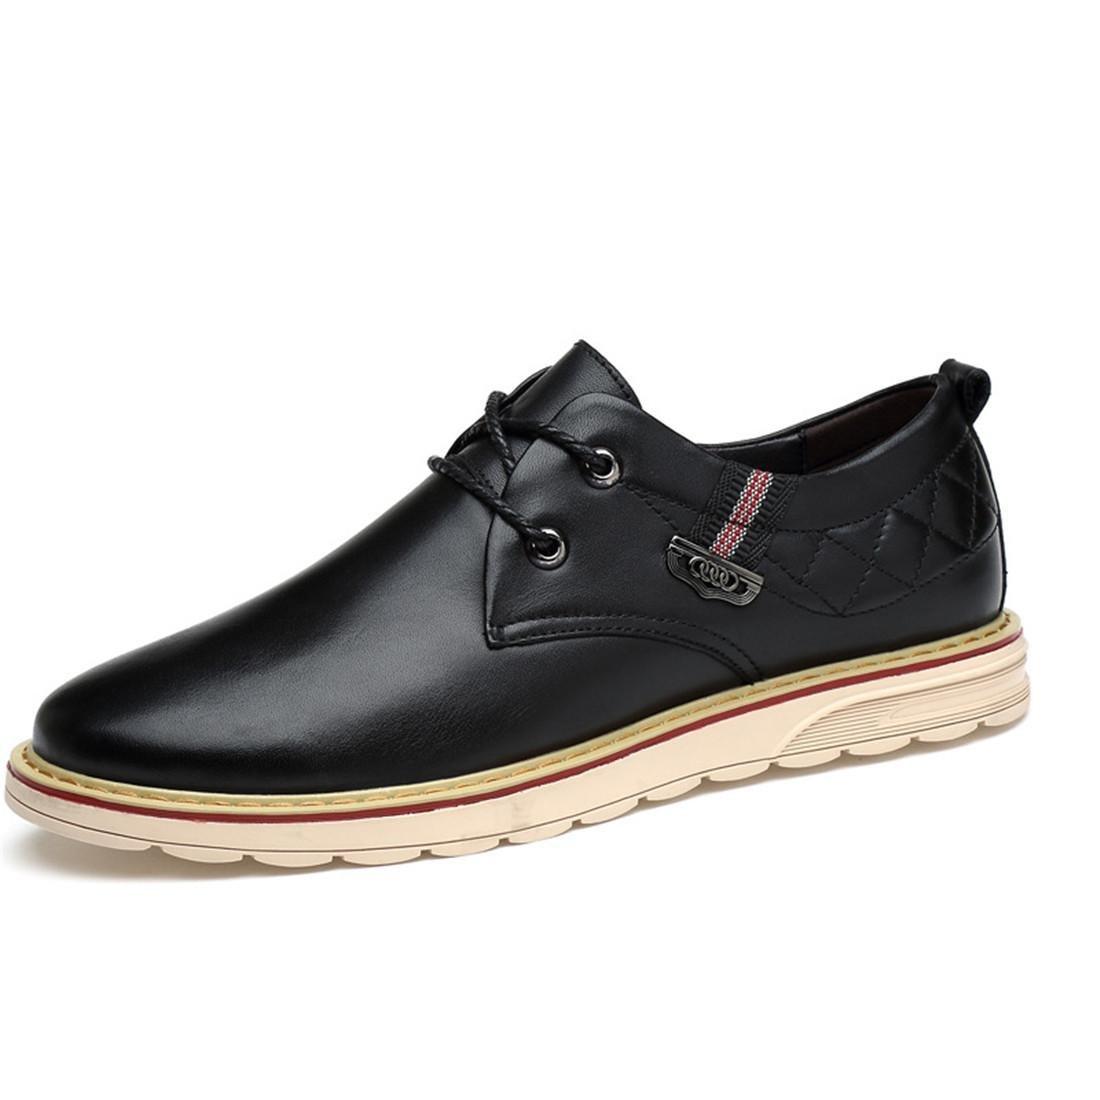 Herren Rutschfest Flache Schuhe Freizeit Lederschuhe Große Größe Lässige Schuhe Geschäft Freizeitschuhe Fahrt EUR GRÖSSE 38-46